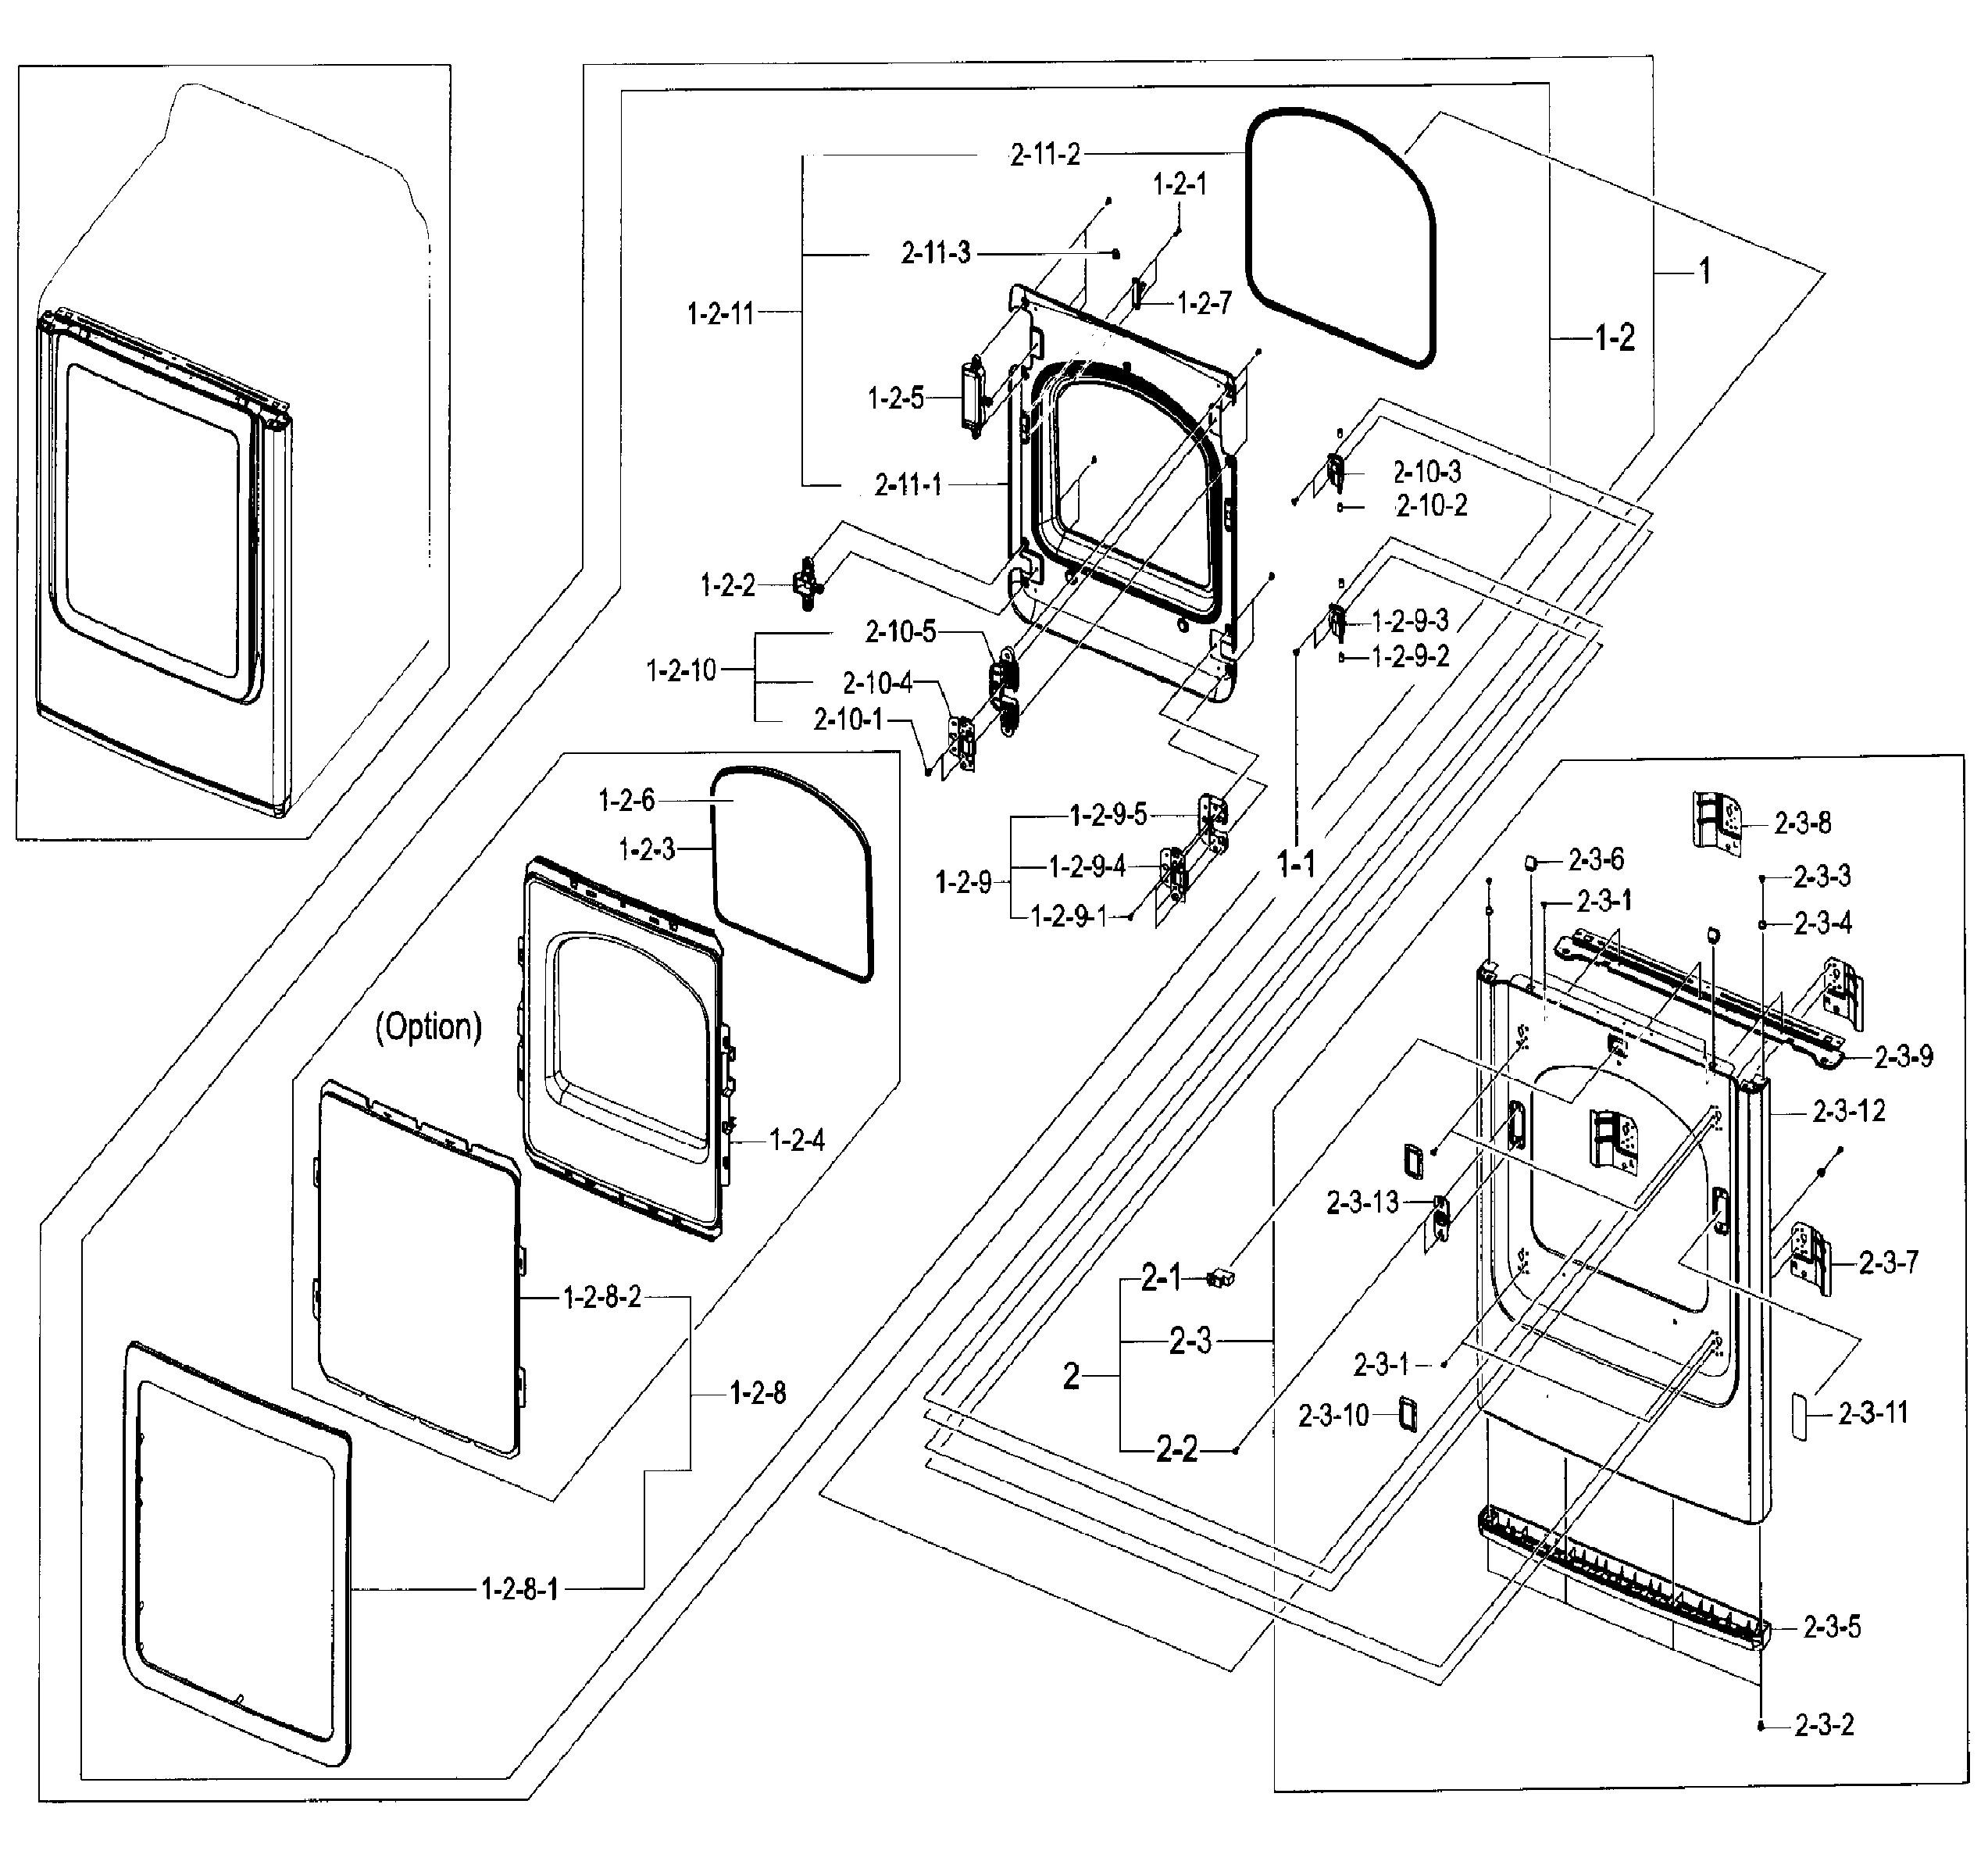 Frigidaire Dryer Parts Diagram Detailed Schematics Wiring My Bolens Edger Belt Replacement